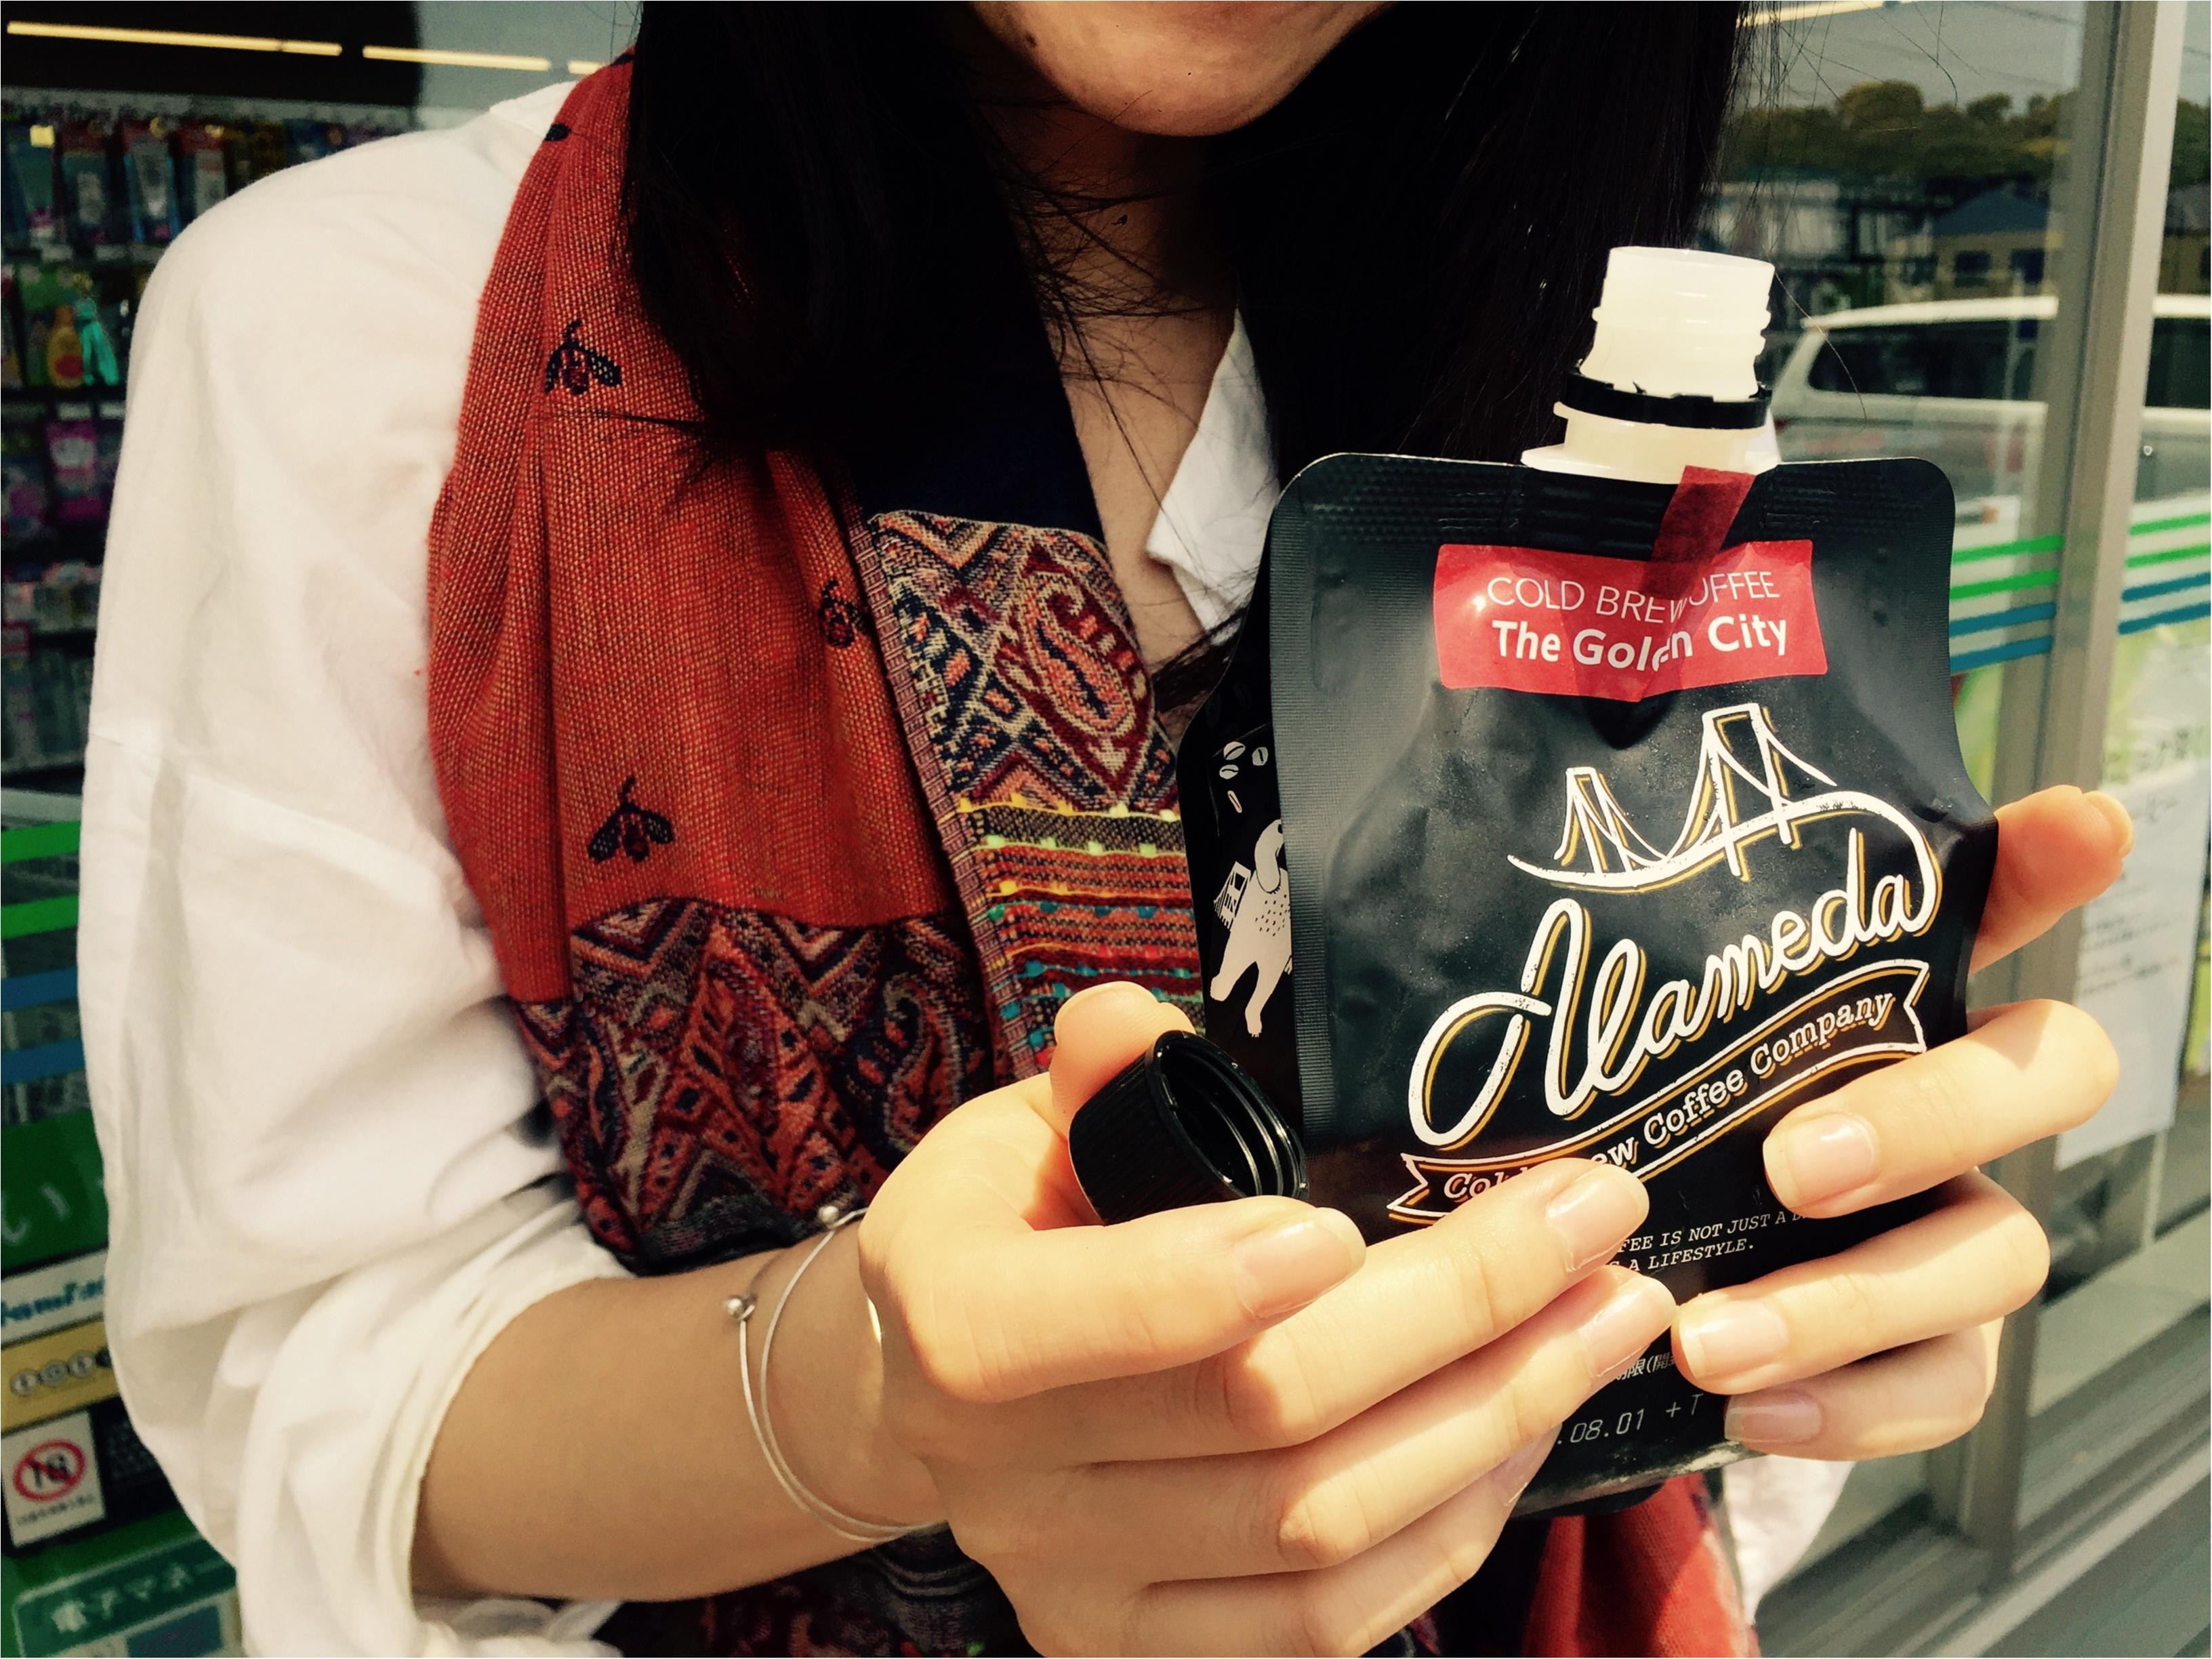 コンビニで発見!低温抽出が決め手のAlameda Cold Brew Coffee♡_3